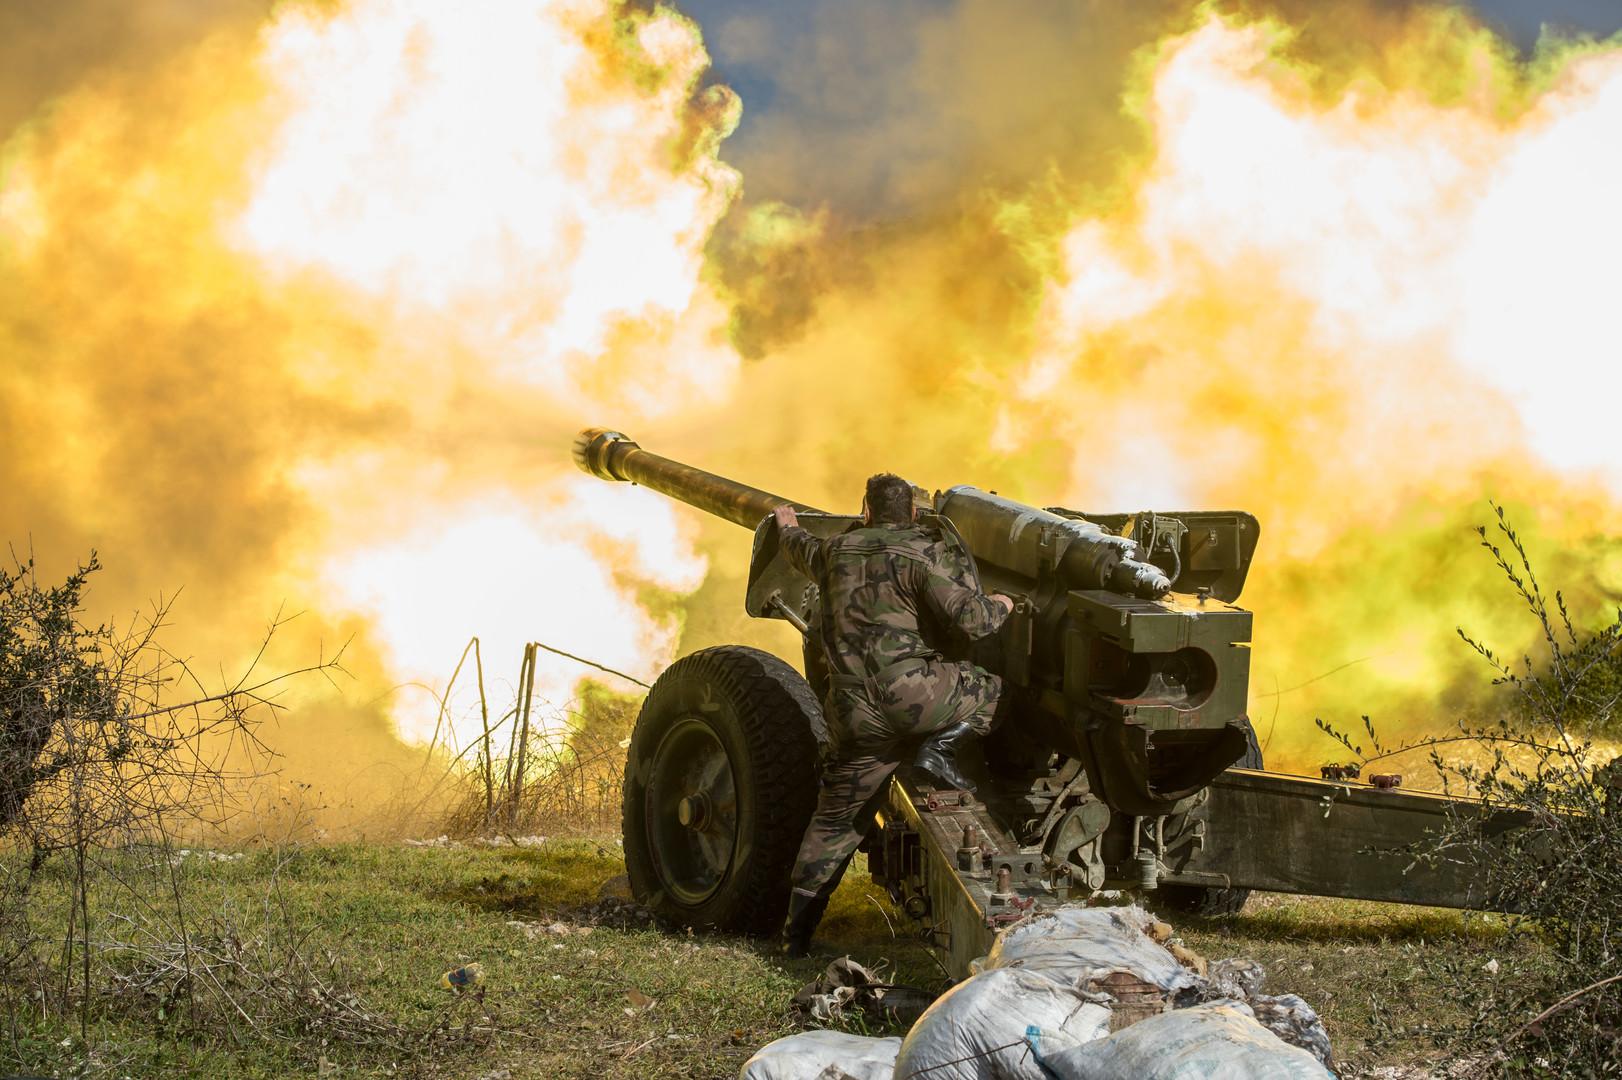 Армия Сирии остановила крупномасштабное наступление «Фронта ан-Нусра» у границы с Турцией